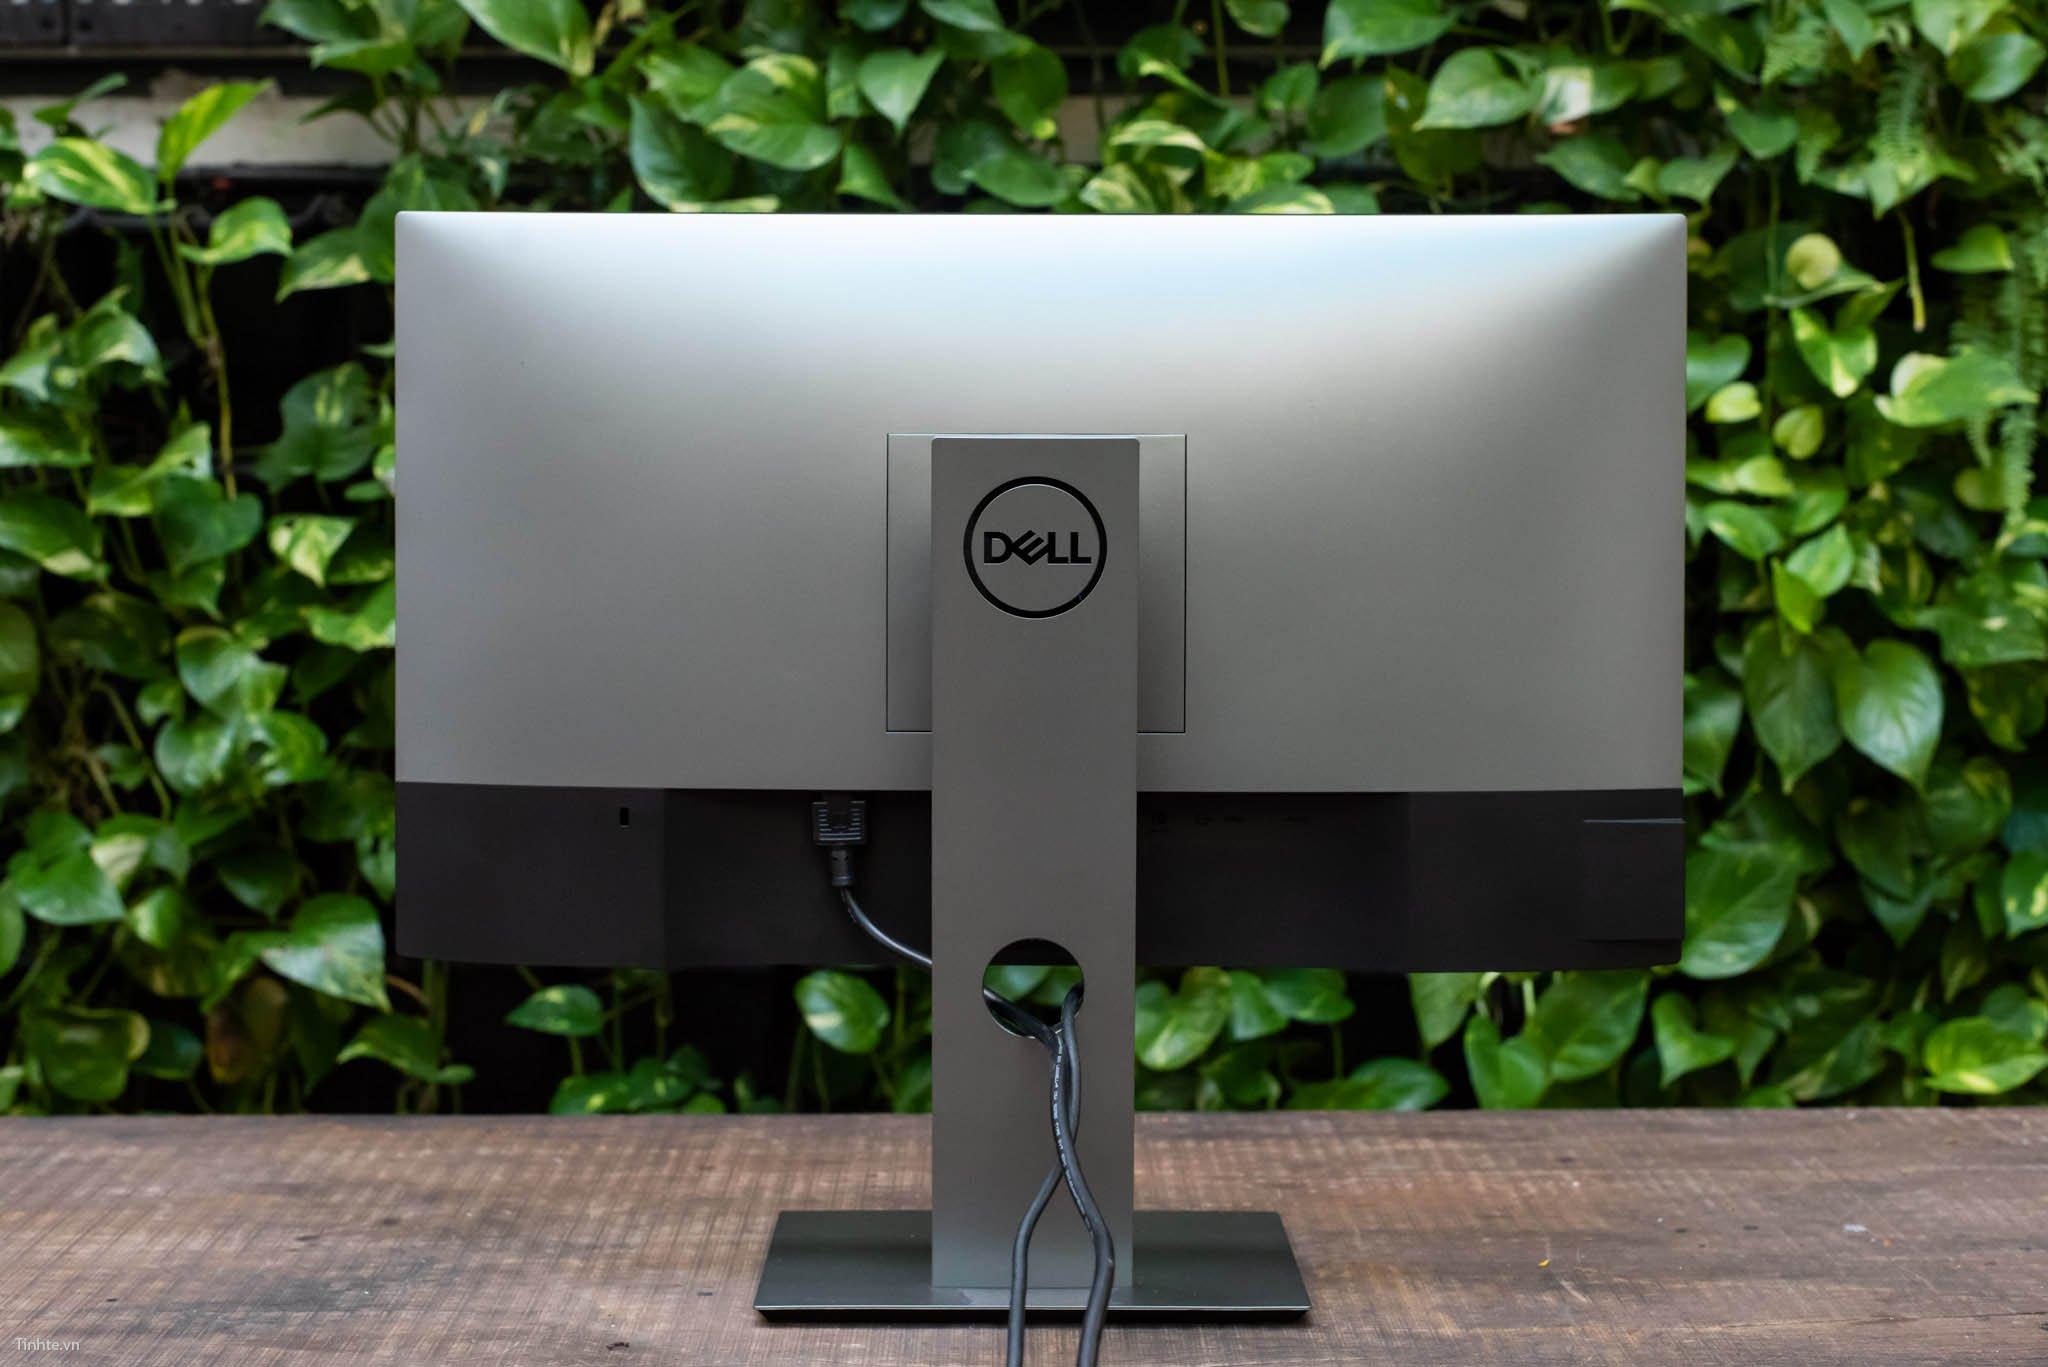 Màn hình Dell U2419H - Dễ sử dụng và tháo lắp